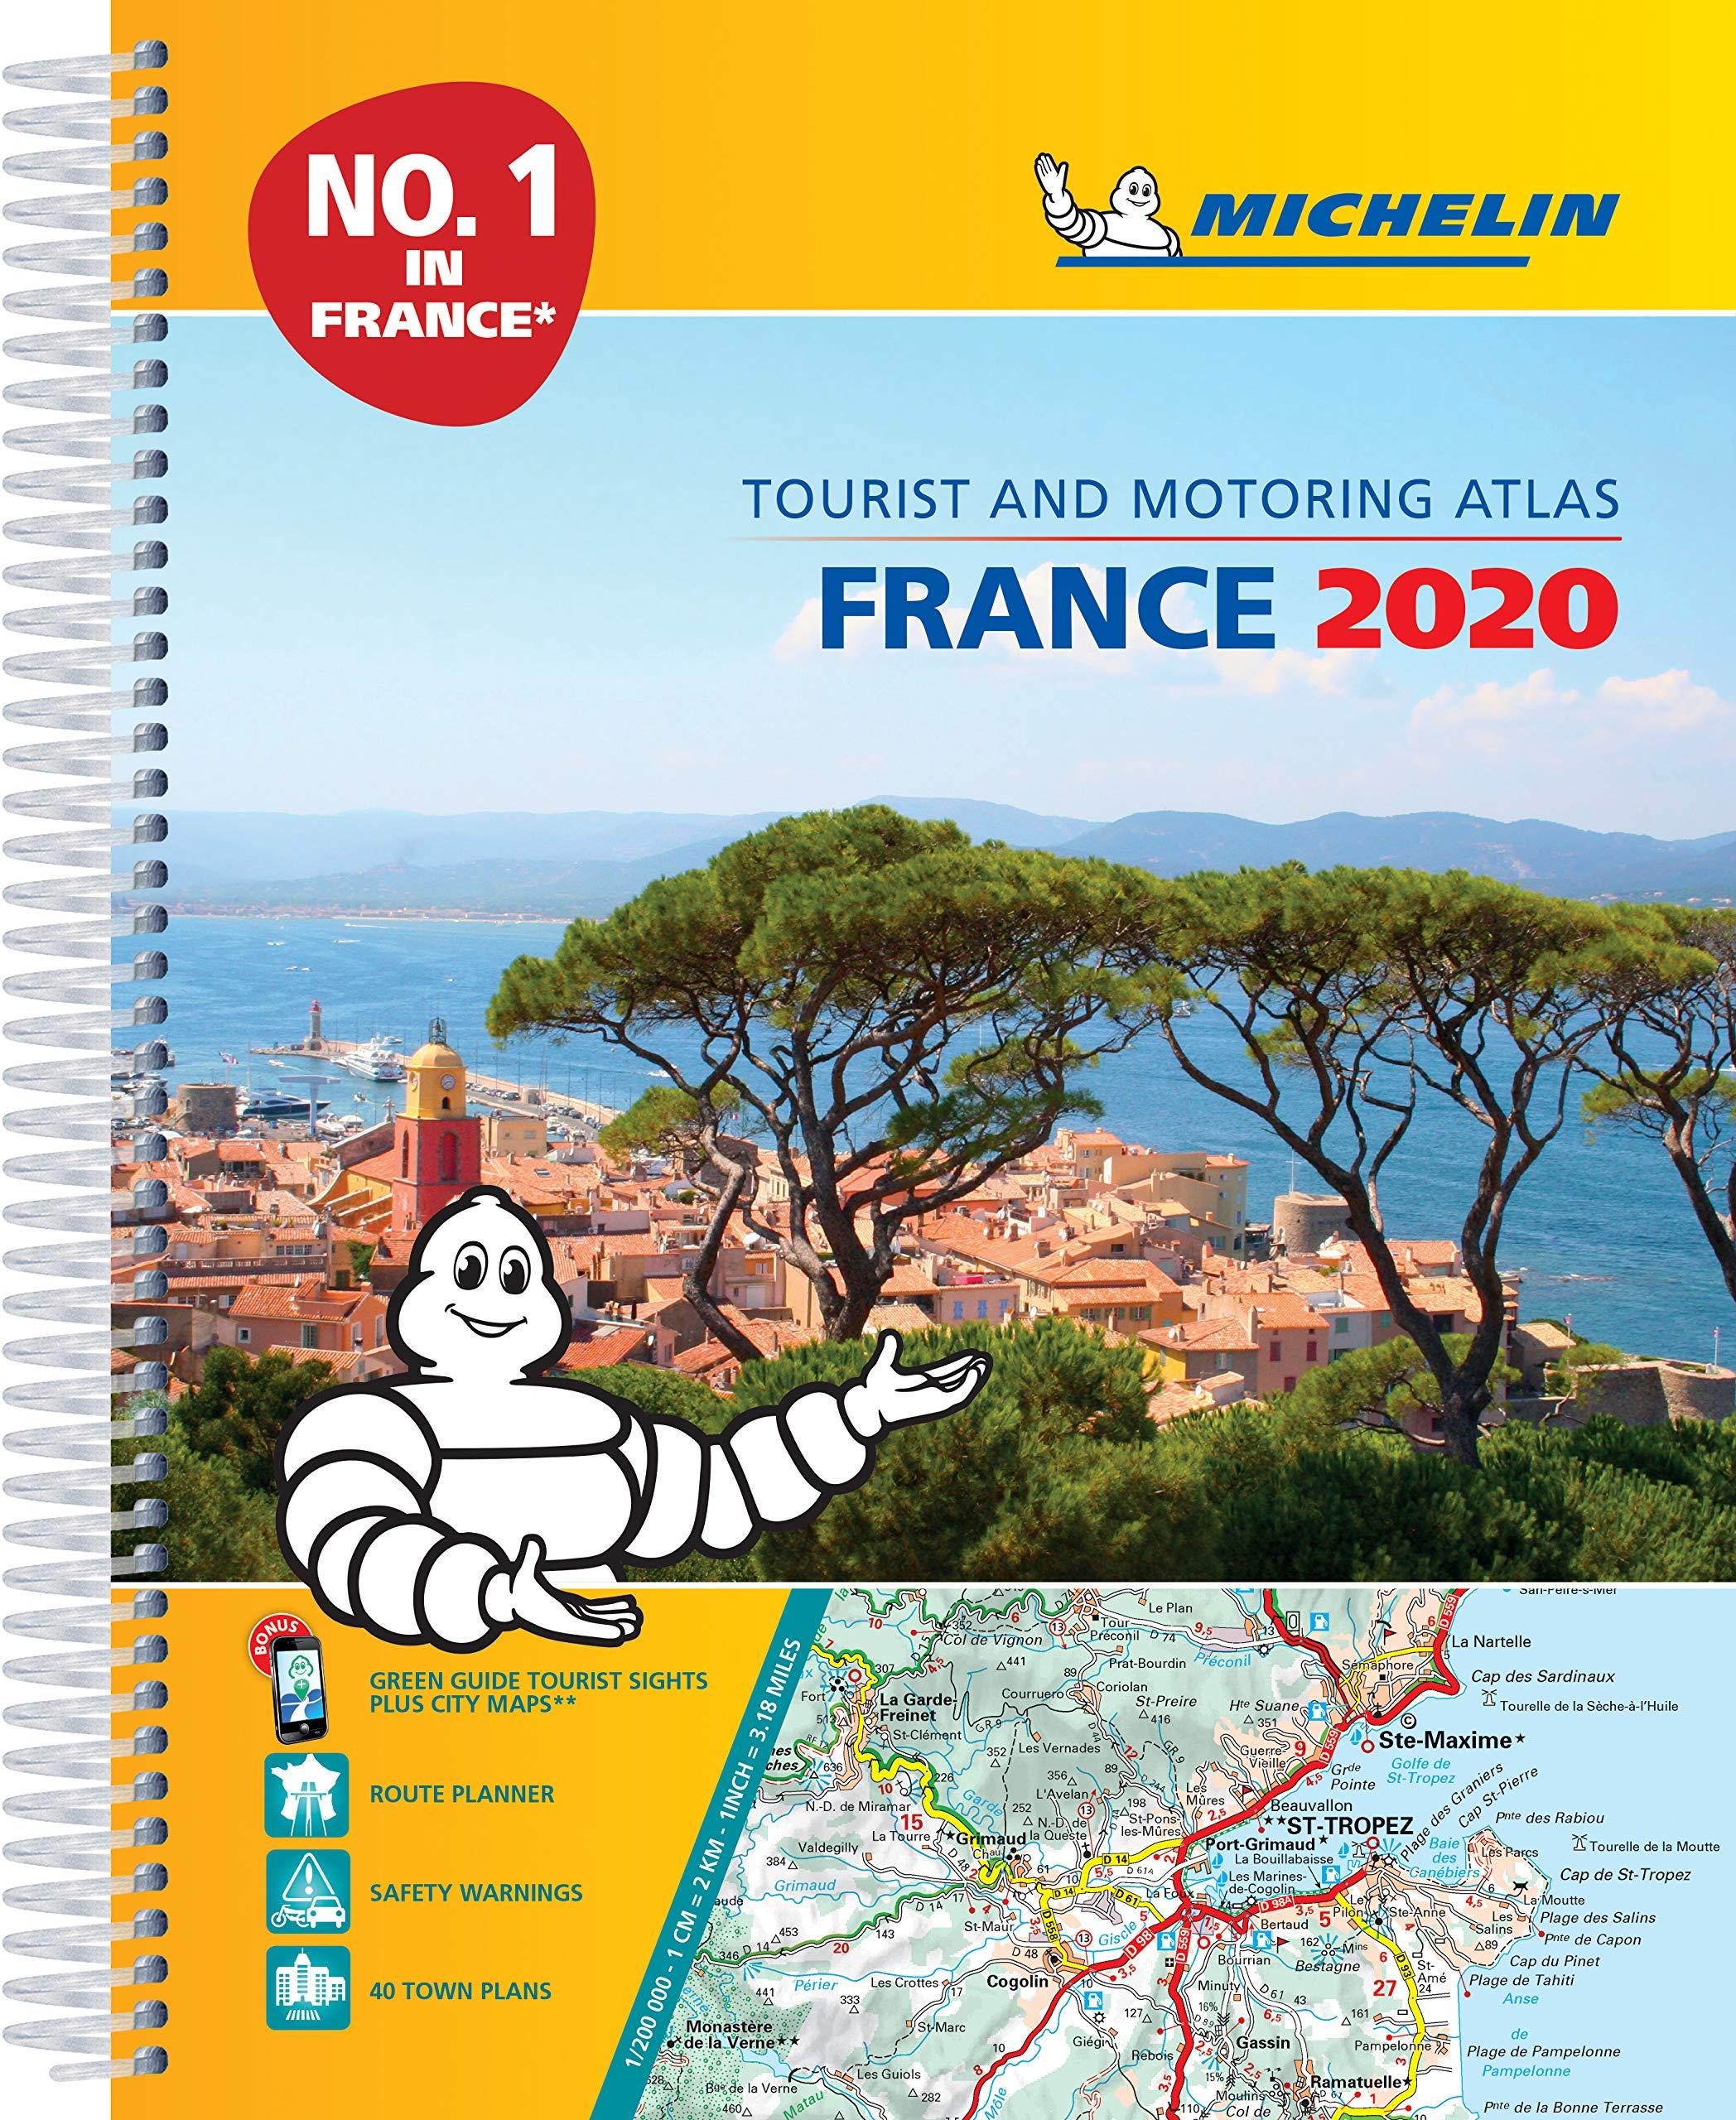 מפה MI צרפת 197 אטלס 2020 ספירלי A4